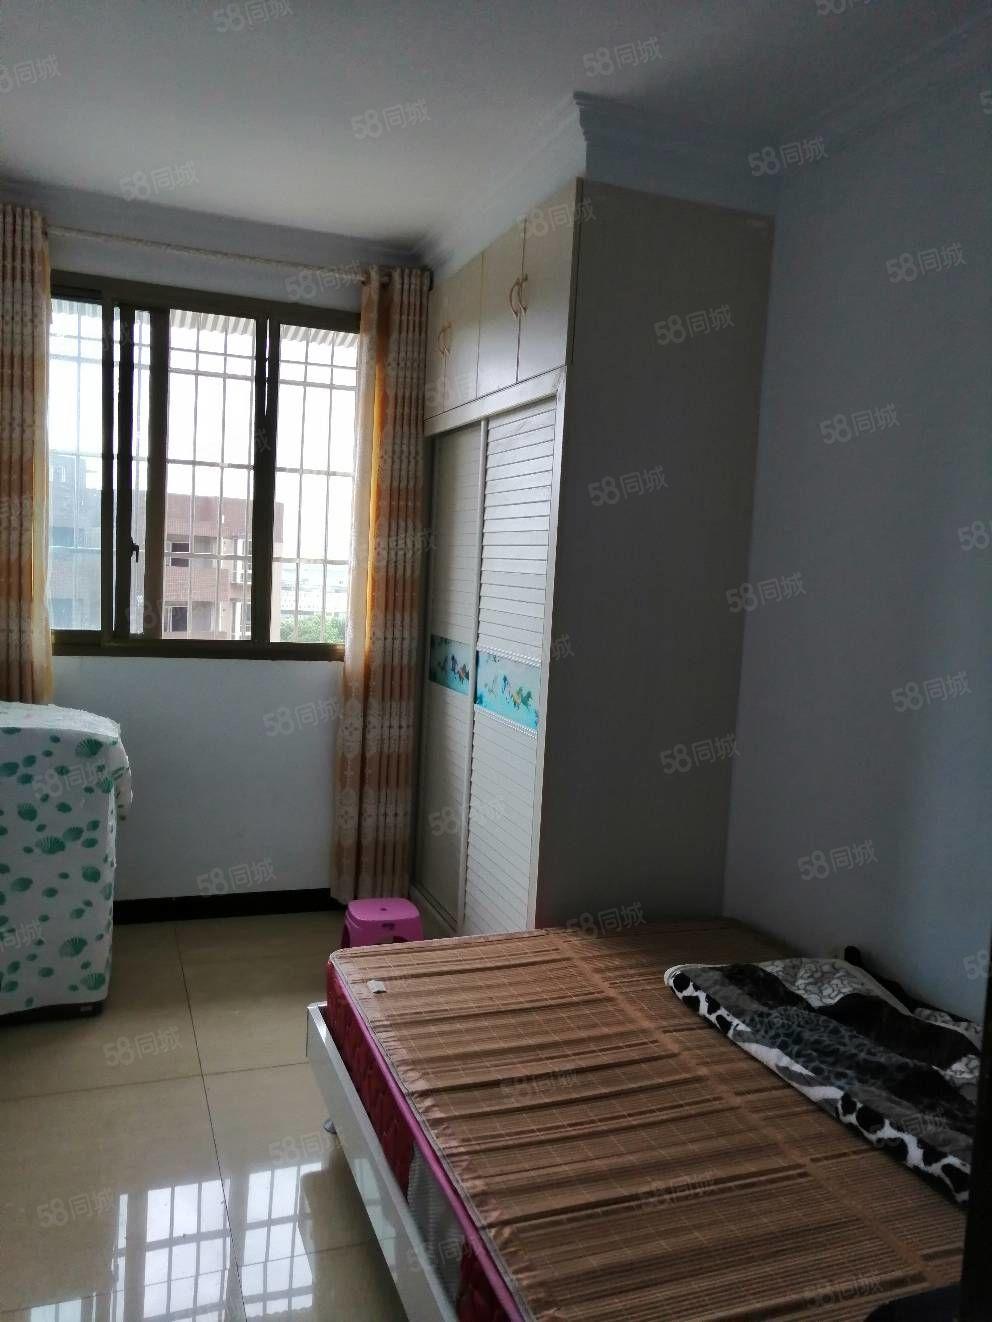 金山一品旁边楼梯房,五楼俩室一厅,装修家具家电空调